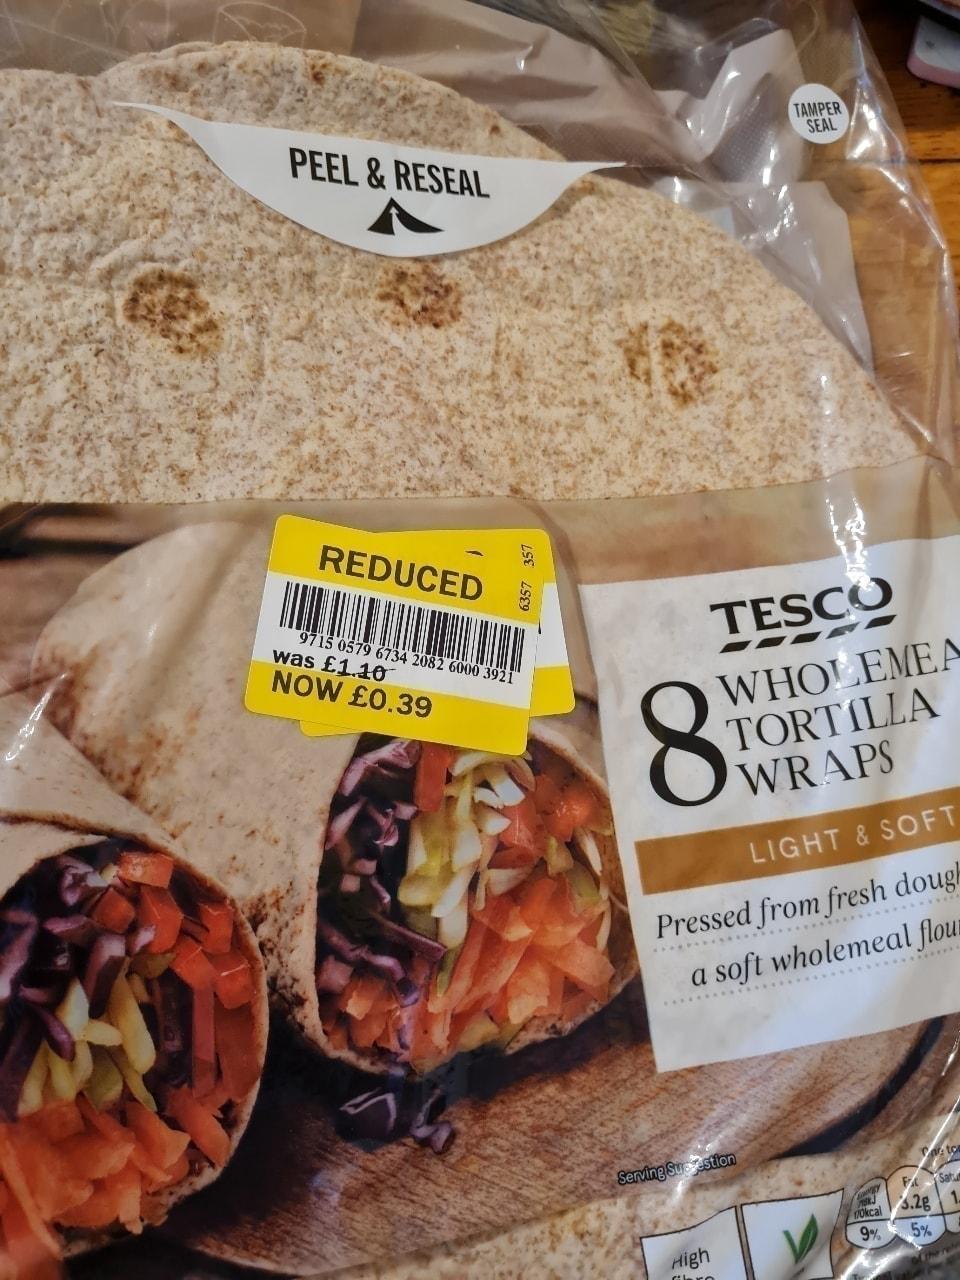 8 tortilla wraps